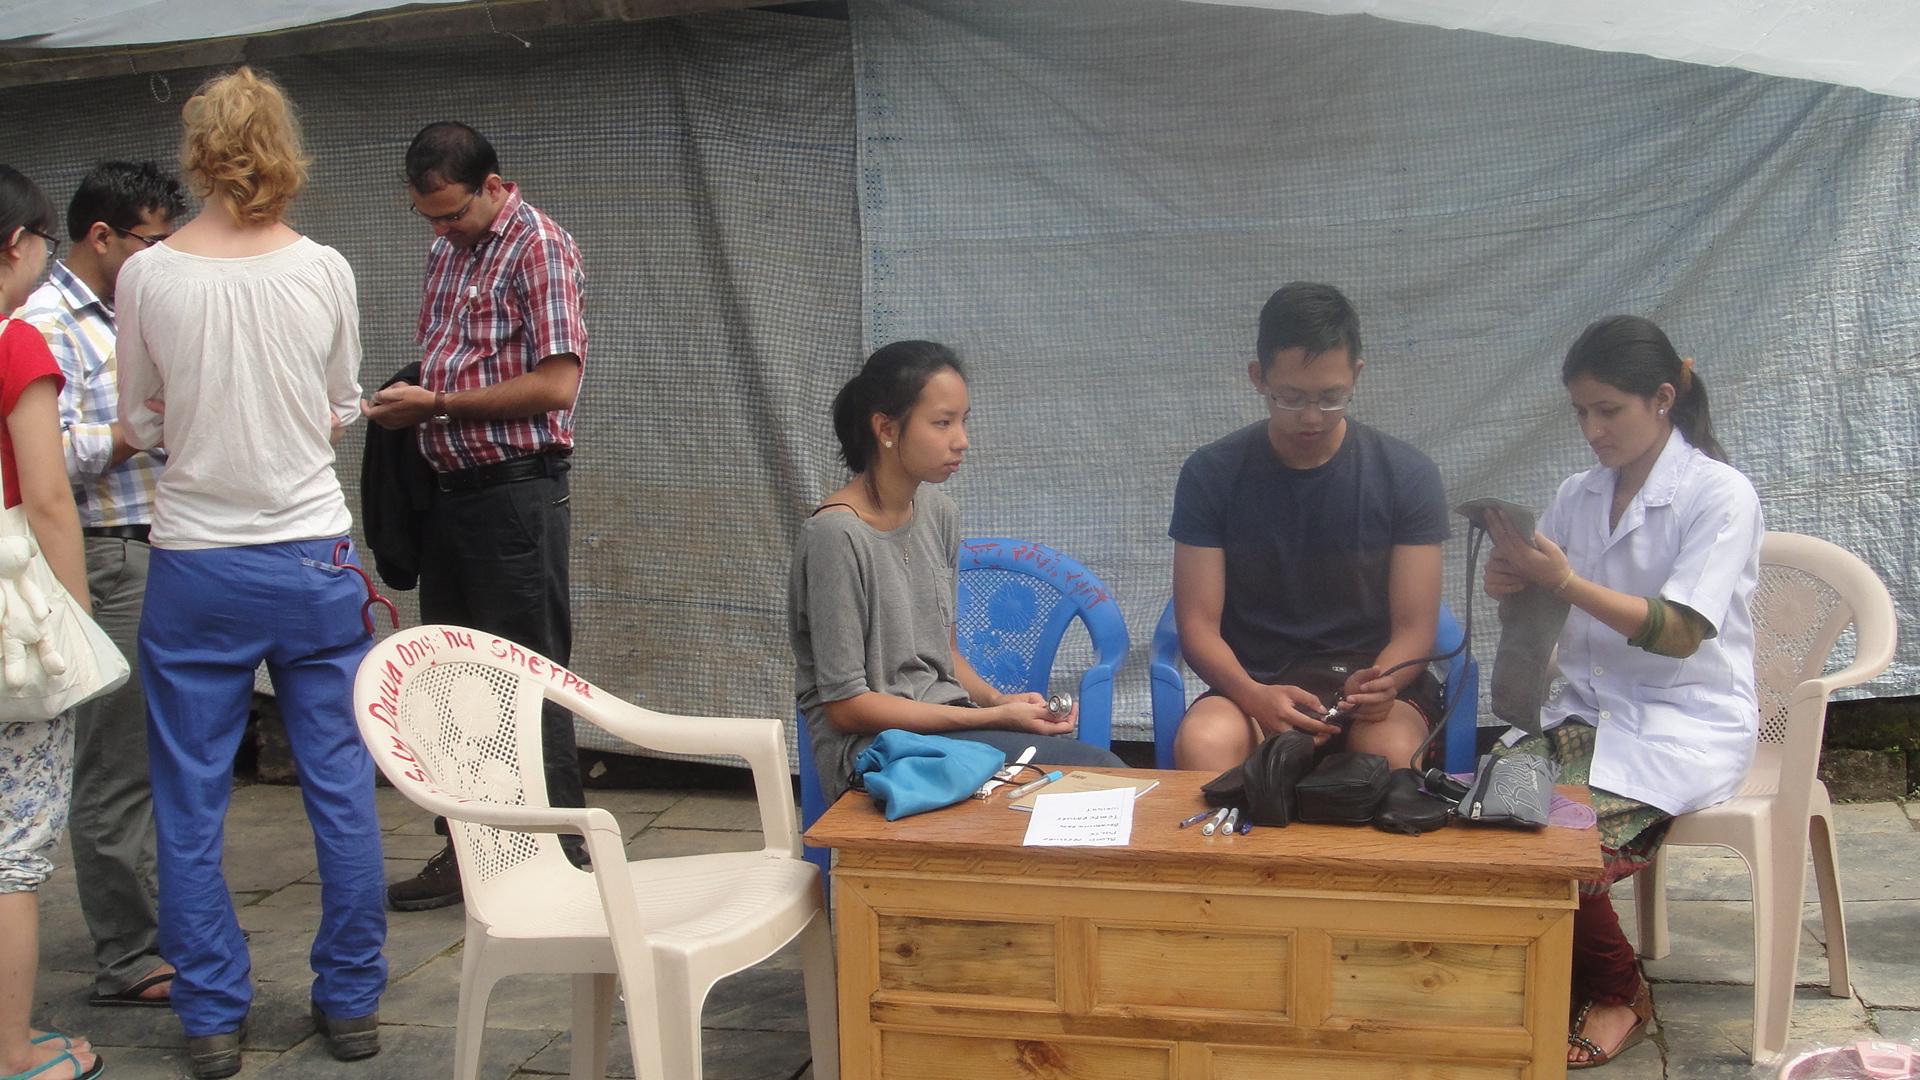 Medical_Volunteer_Working_Adventure_Alternative_Nepal.JPG